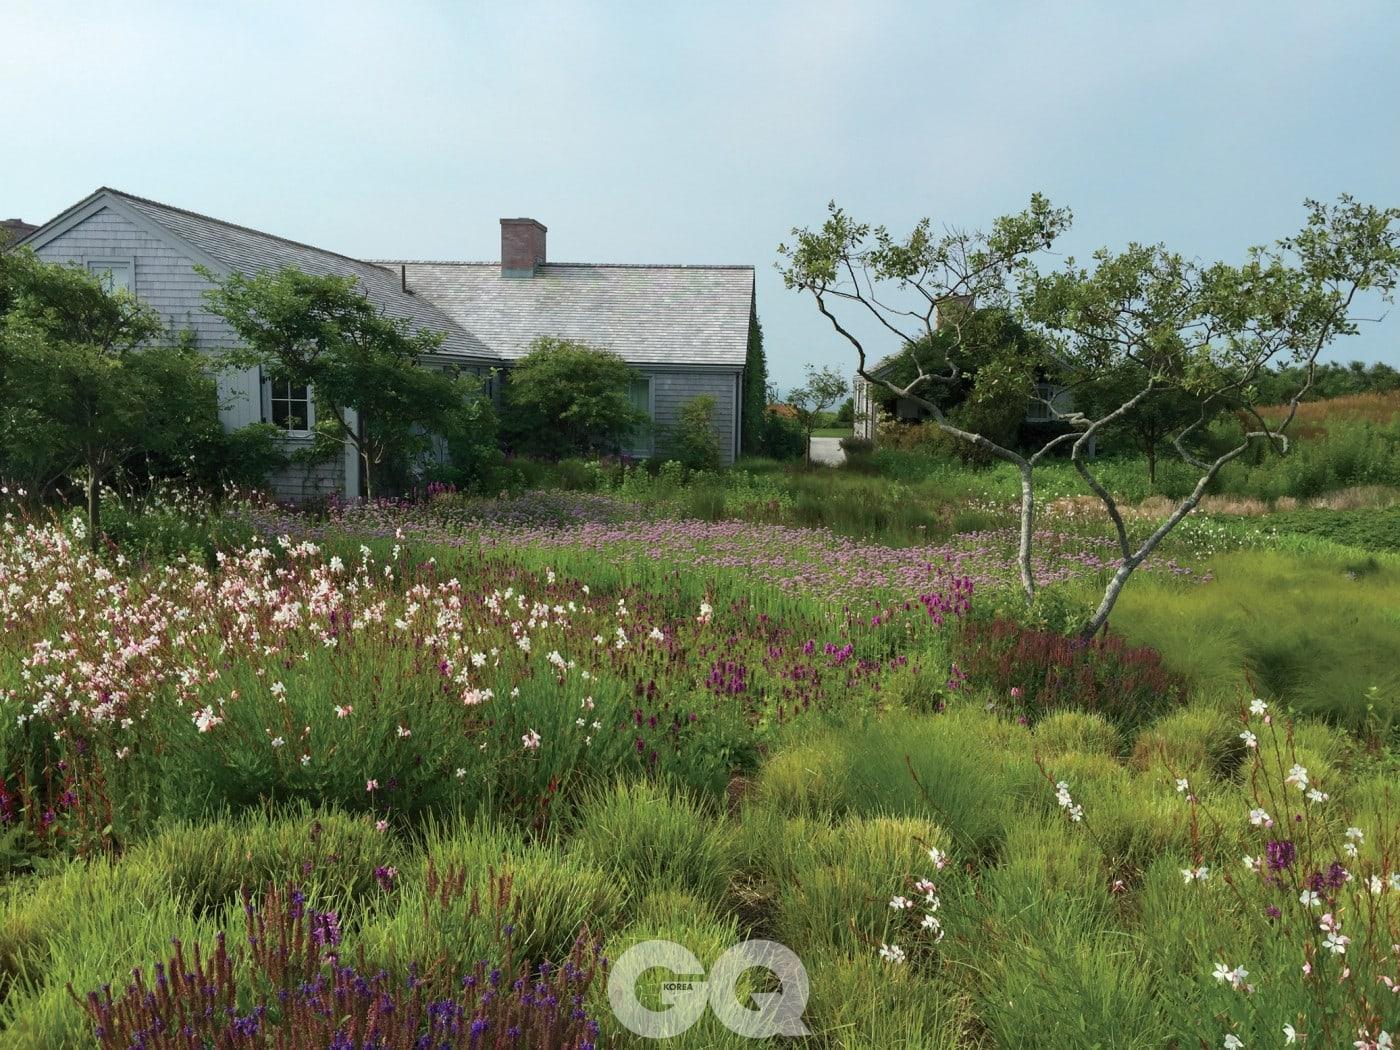 어느 계절에 고개를 돌려도 예쁜 사계절 정원을 계획할 것.